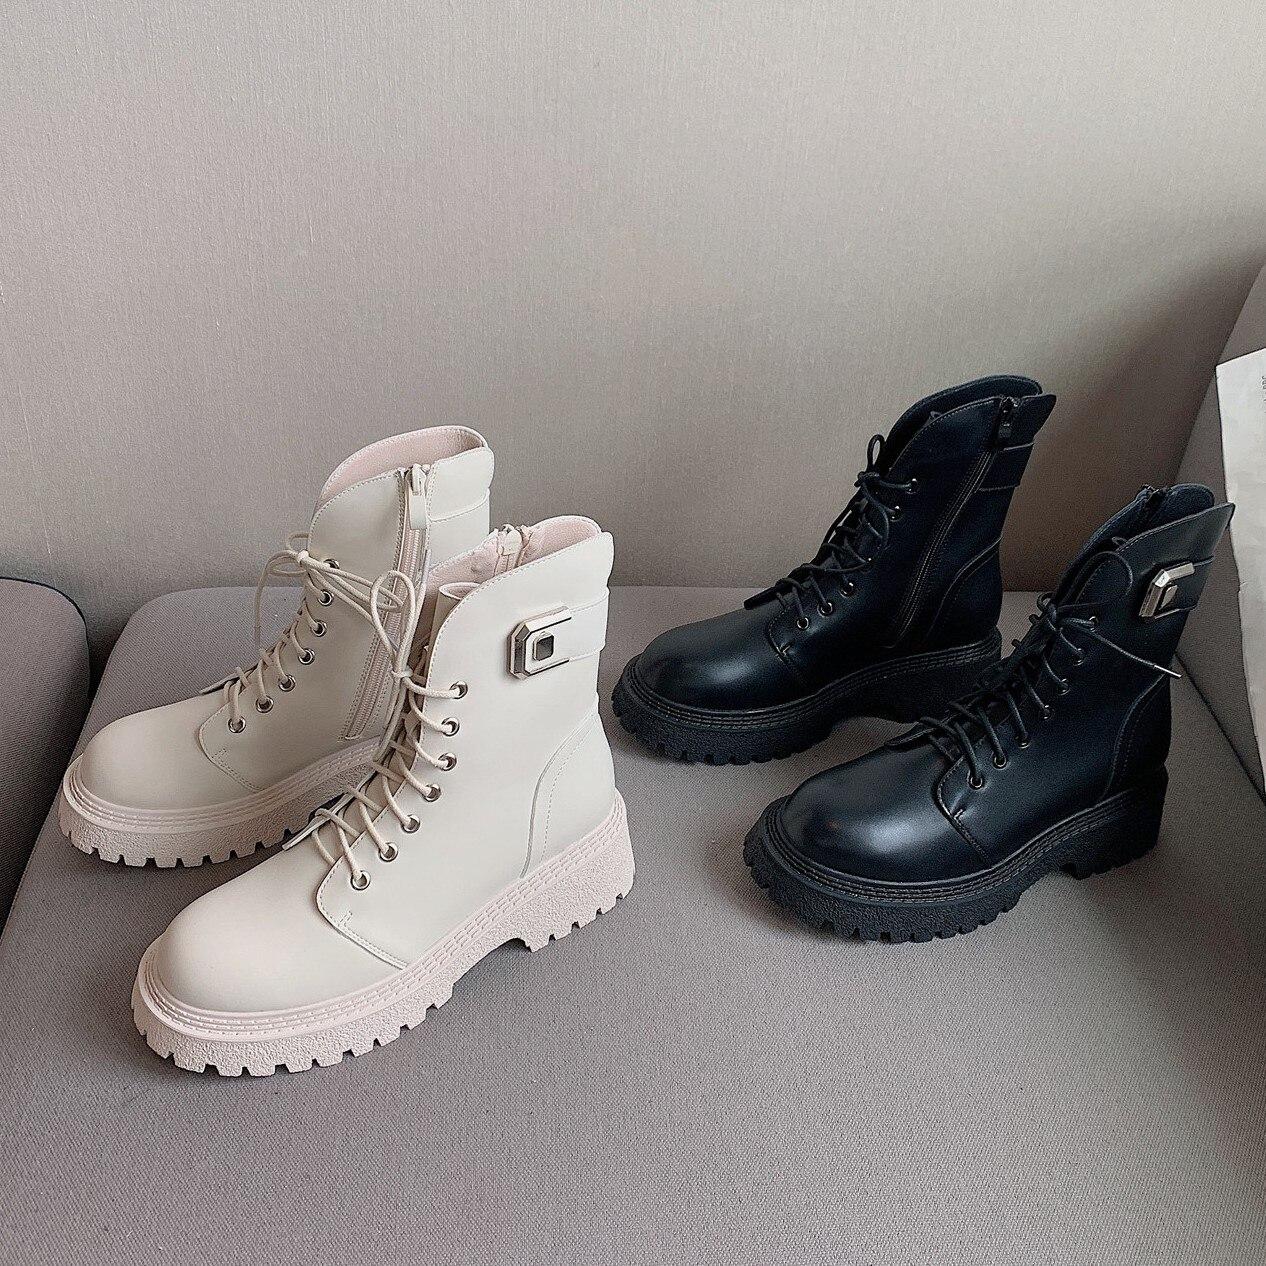 Зимние женские ботинки 2021, модные водонепроницаемые ботинки на платформе с круглым носком, на шнуровке, на молнии, Нескользящие, на толстой ...